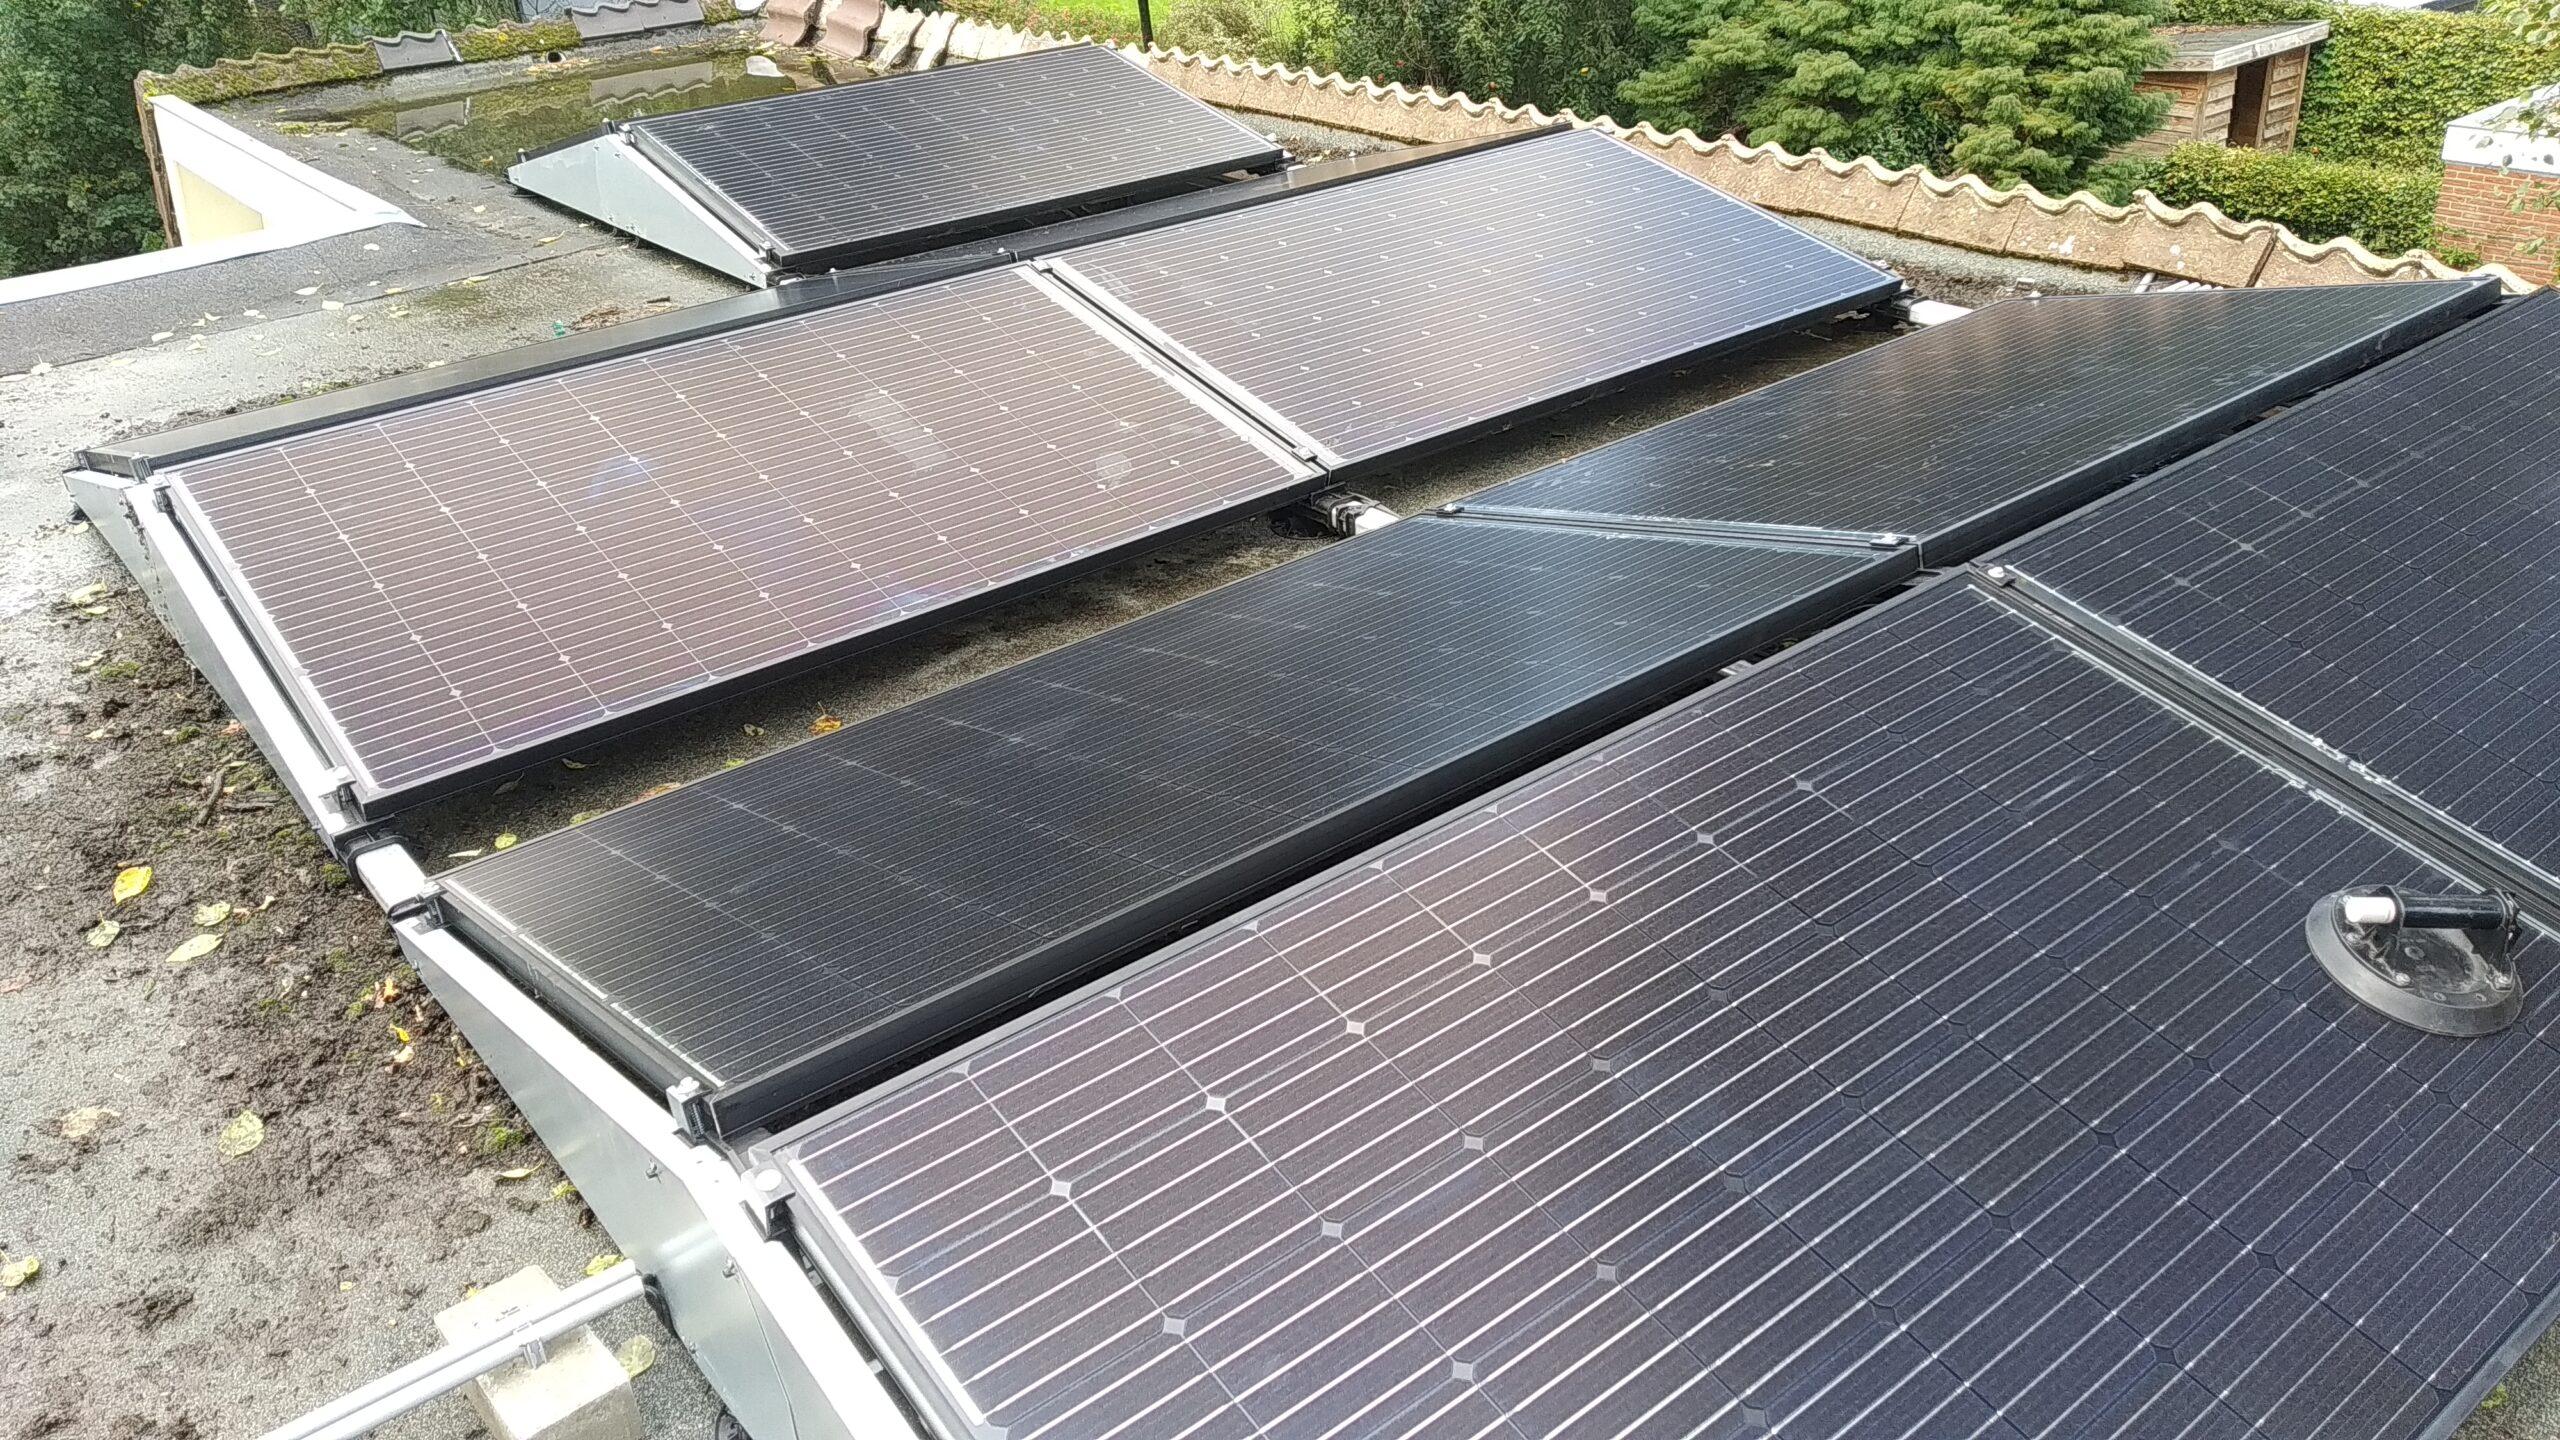 Solarwatt glas glas zonnepanelen Hoevelaken